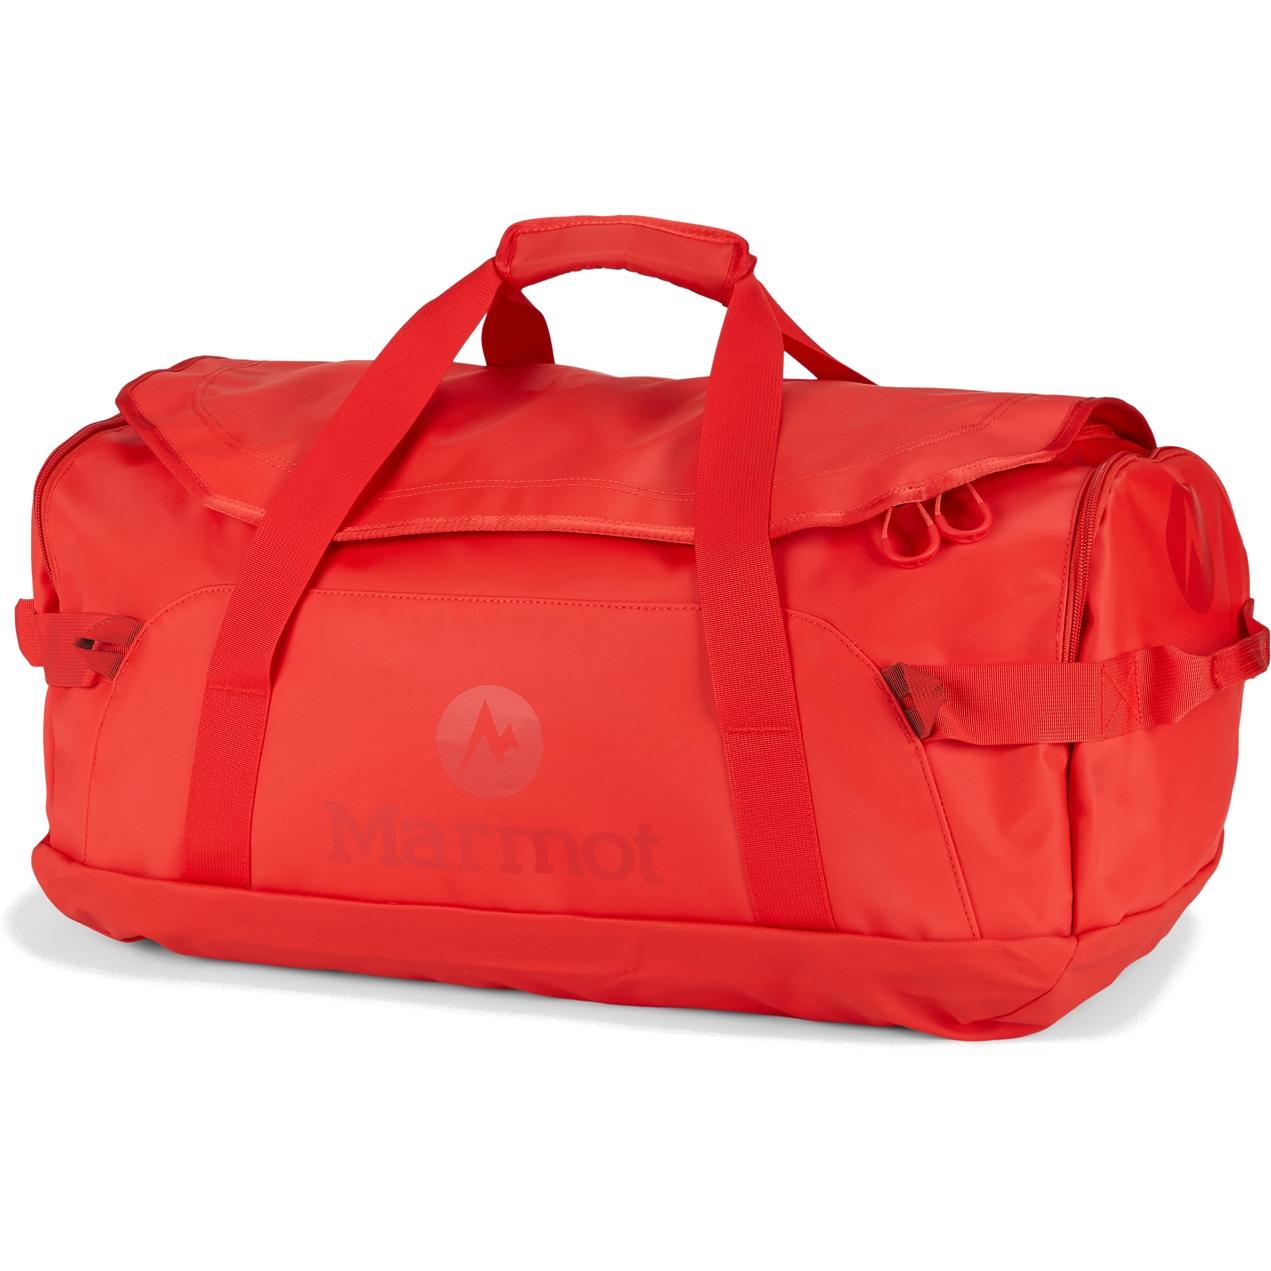 Picture of Marmot Long Hauler Duffel Bag - Medium - victory red